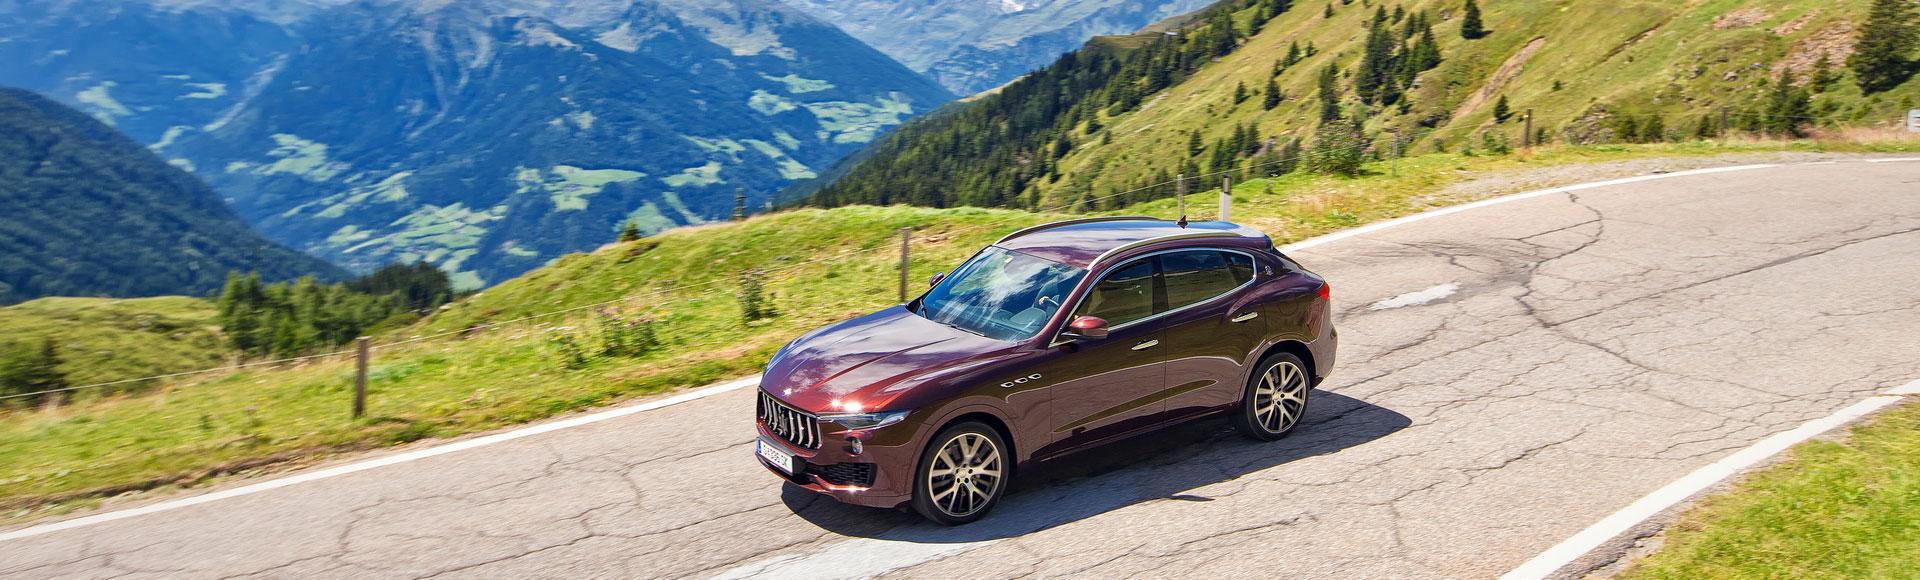 Maserati Levante 2016 843 Sommer Herbst